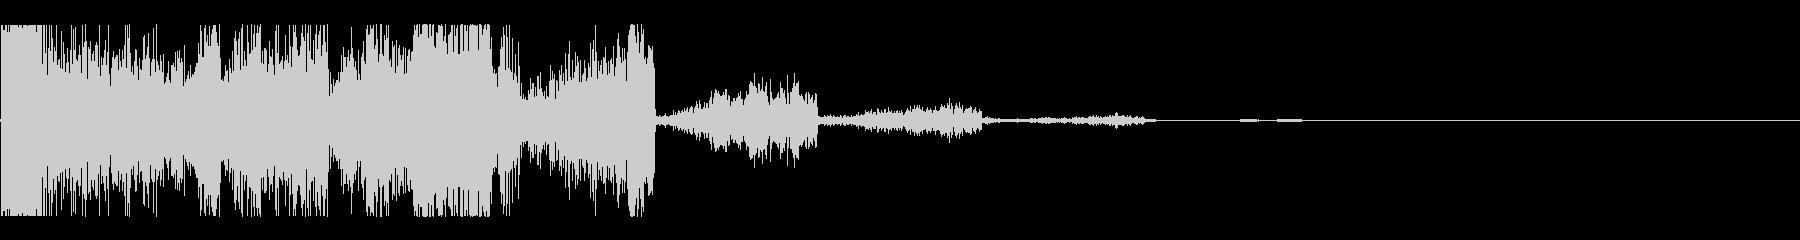 スタート決定音02(スウィンインイン)の未再生の波形